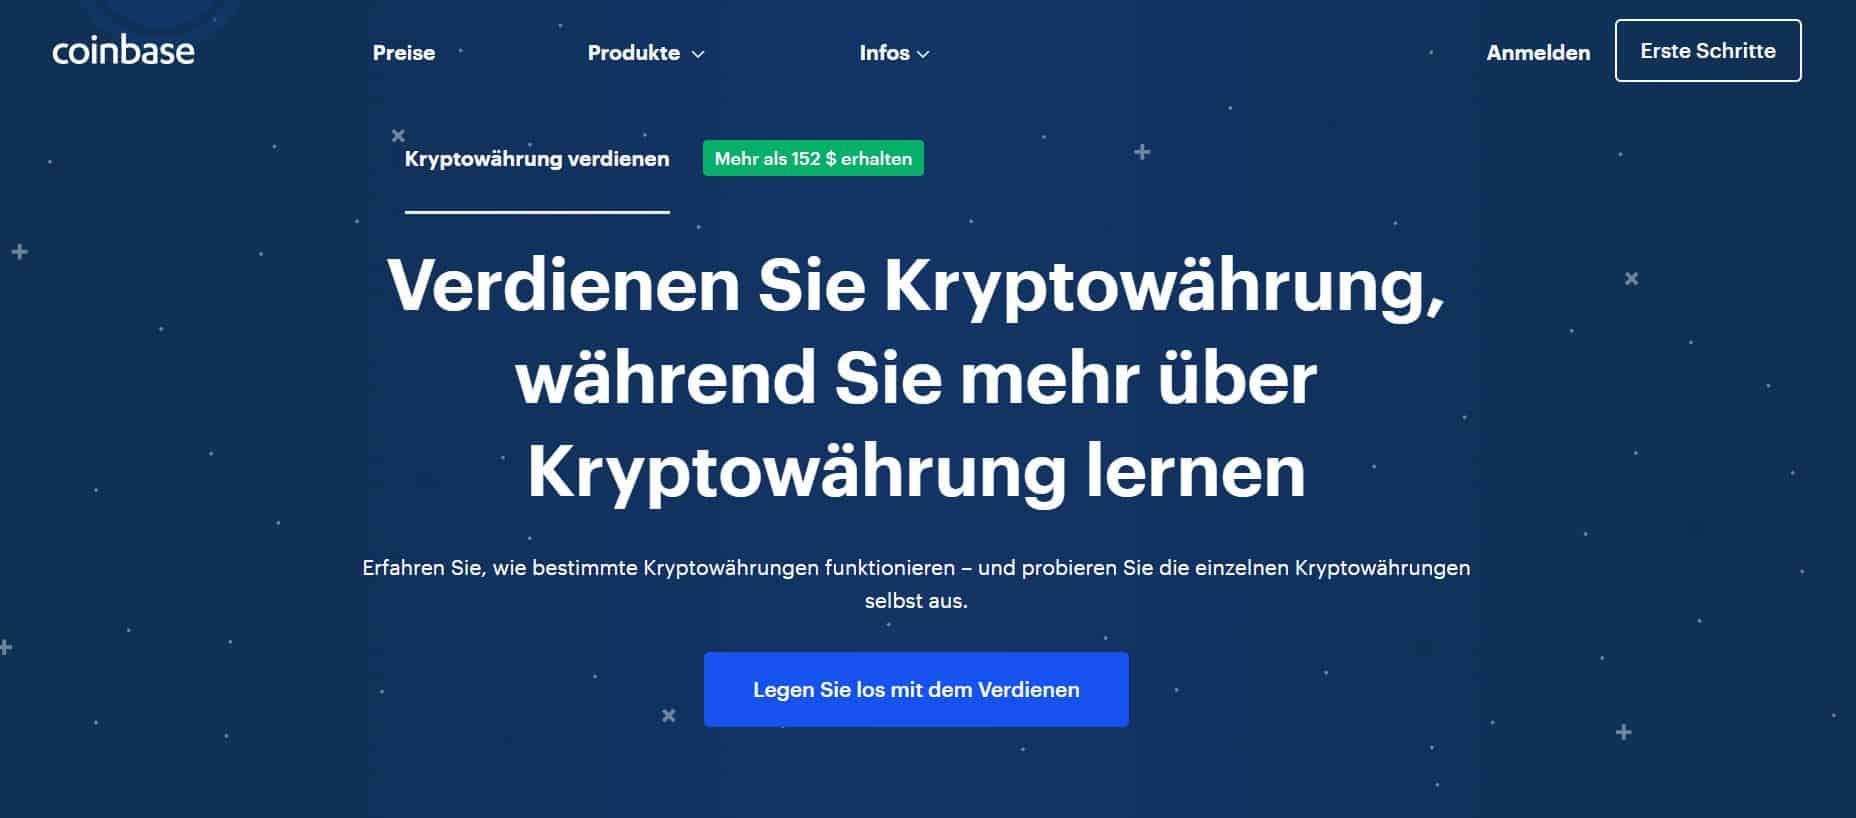 Coinbase Erfahrungen beinhalten gratis Kryptowährungen